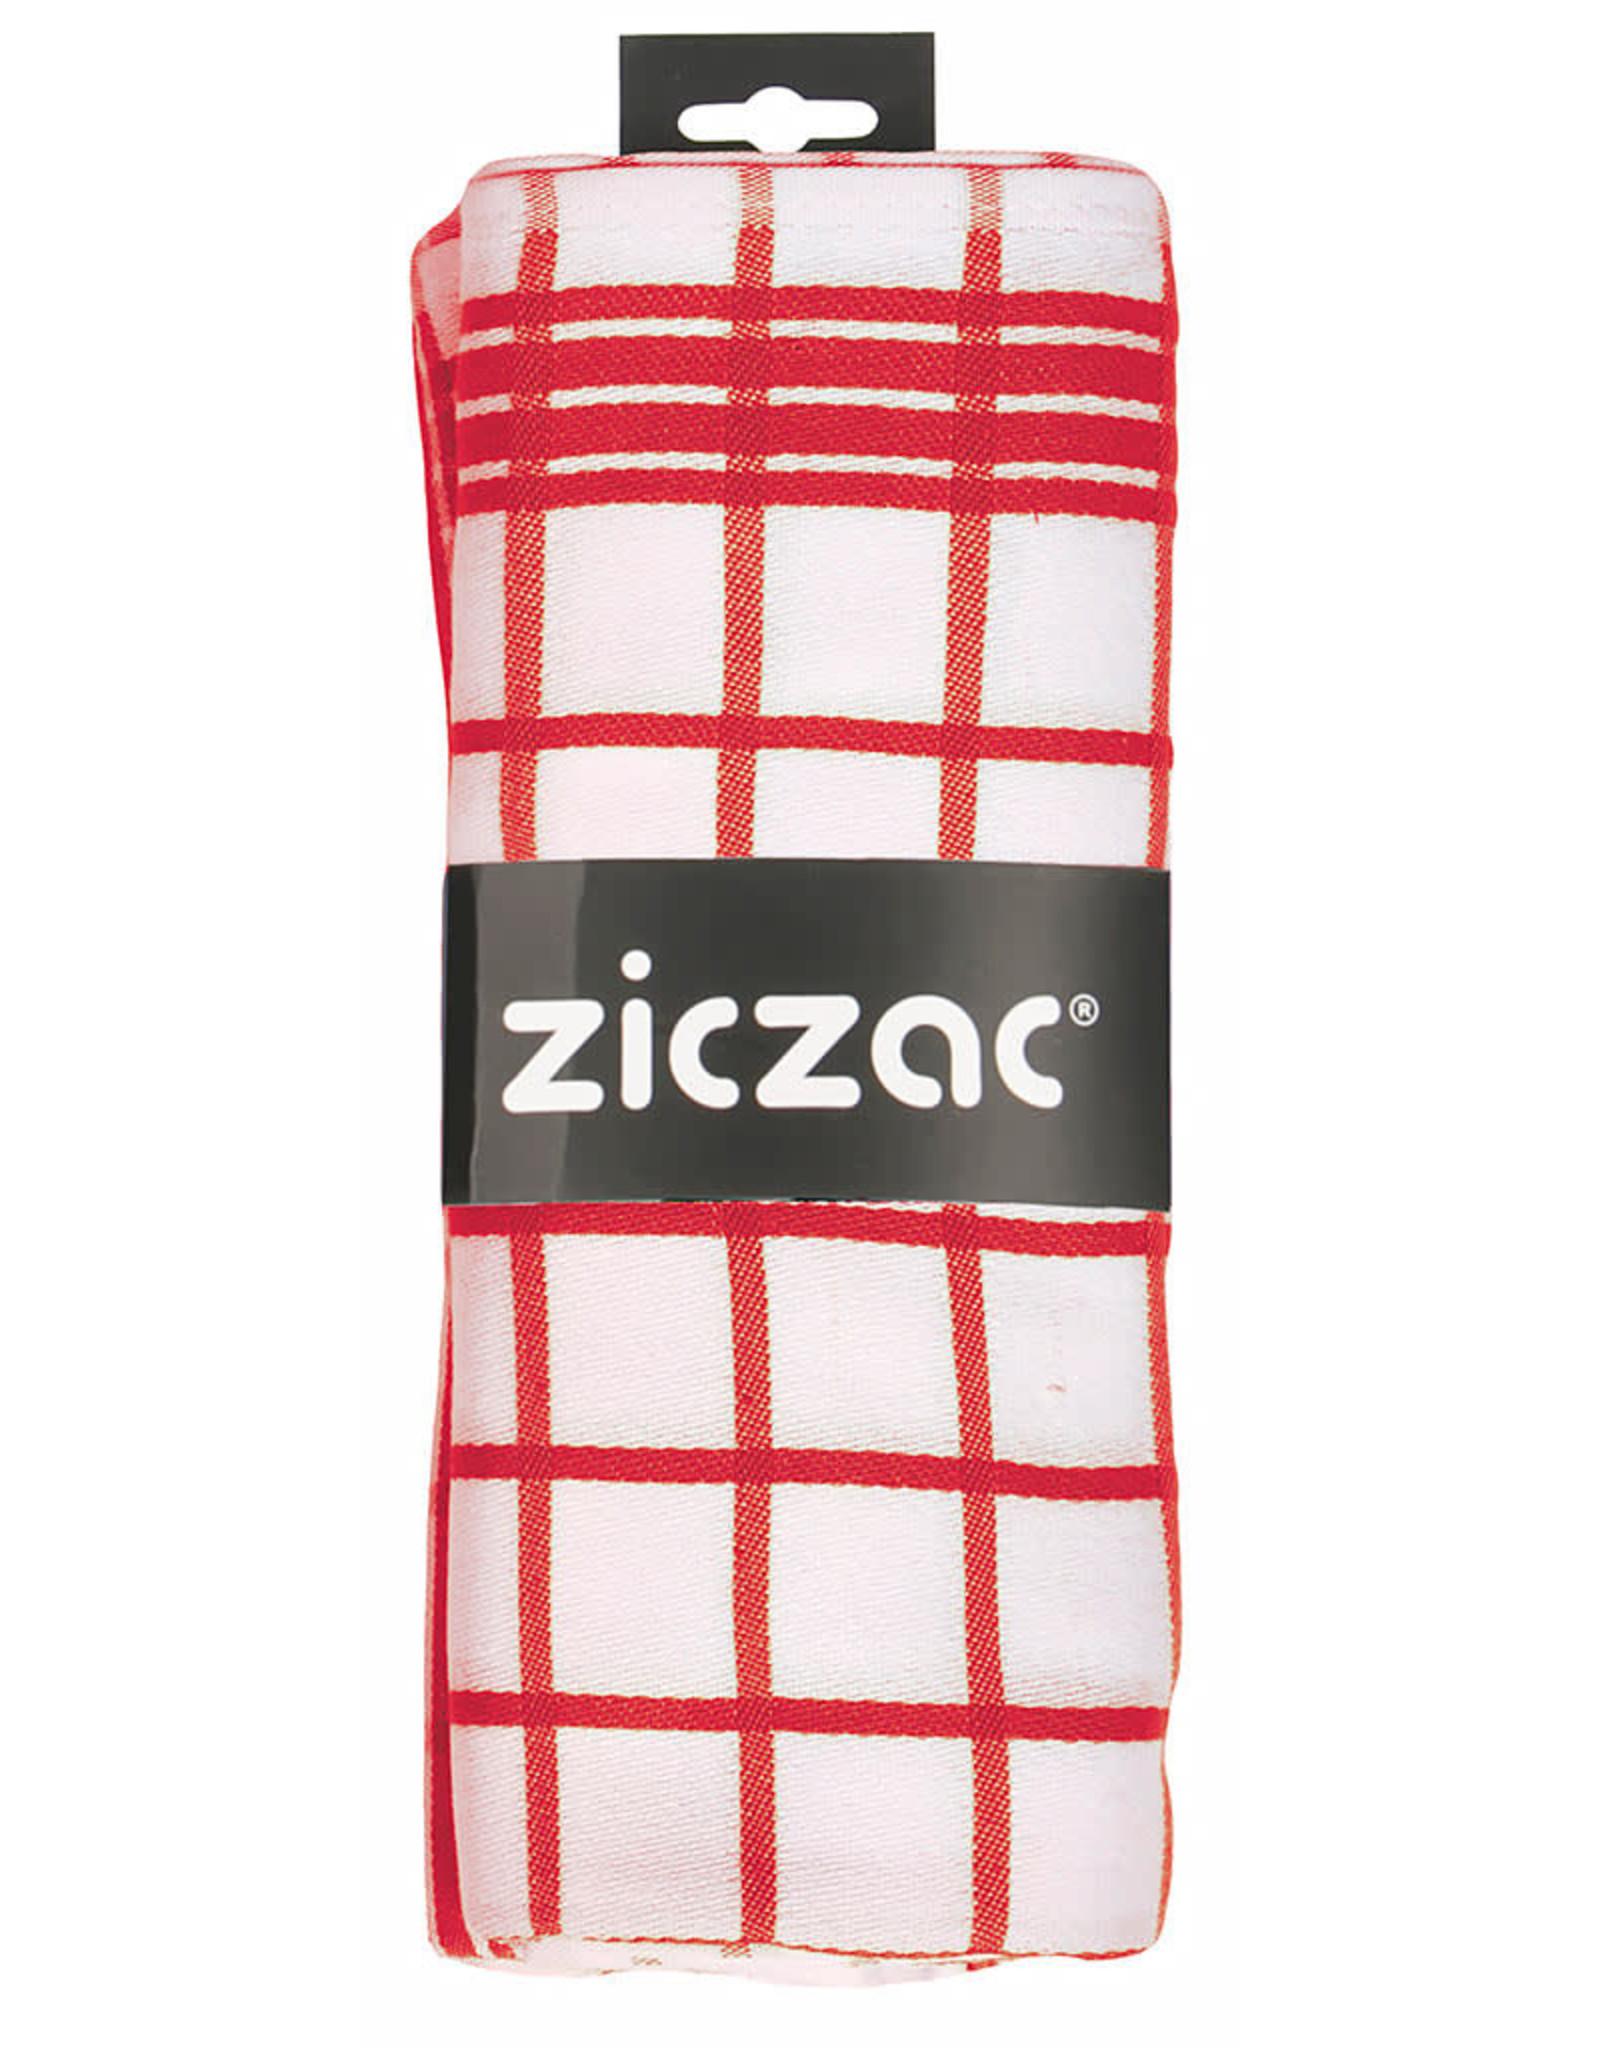 ziczac ZicZac. Set van 3 theedoeken rood